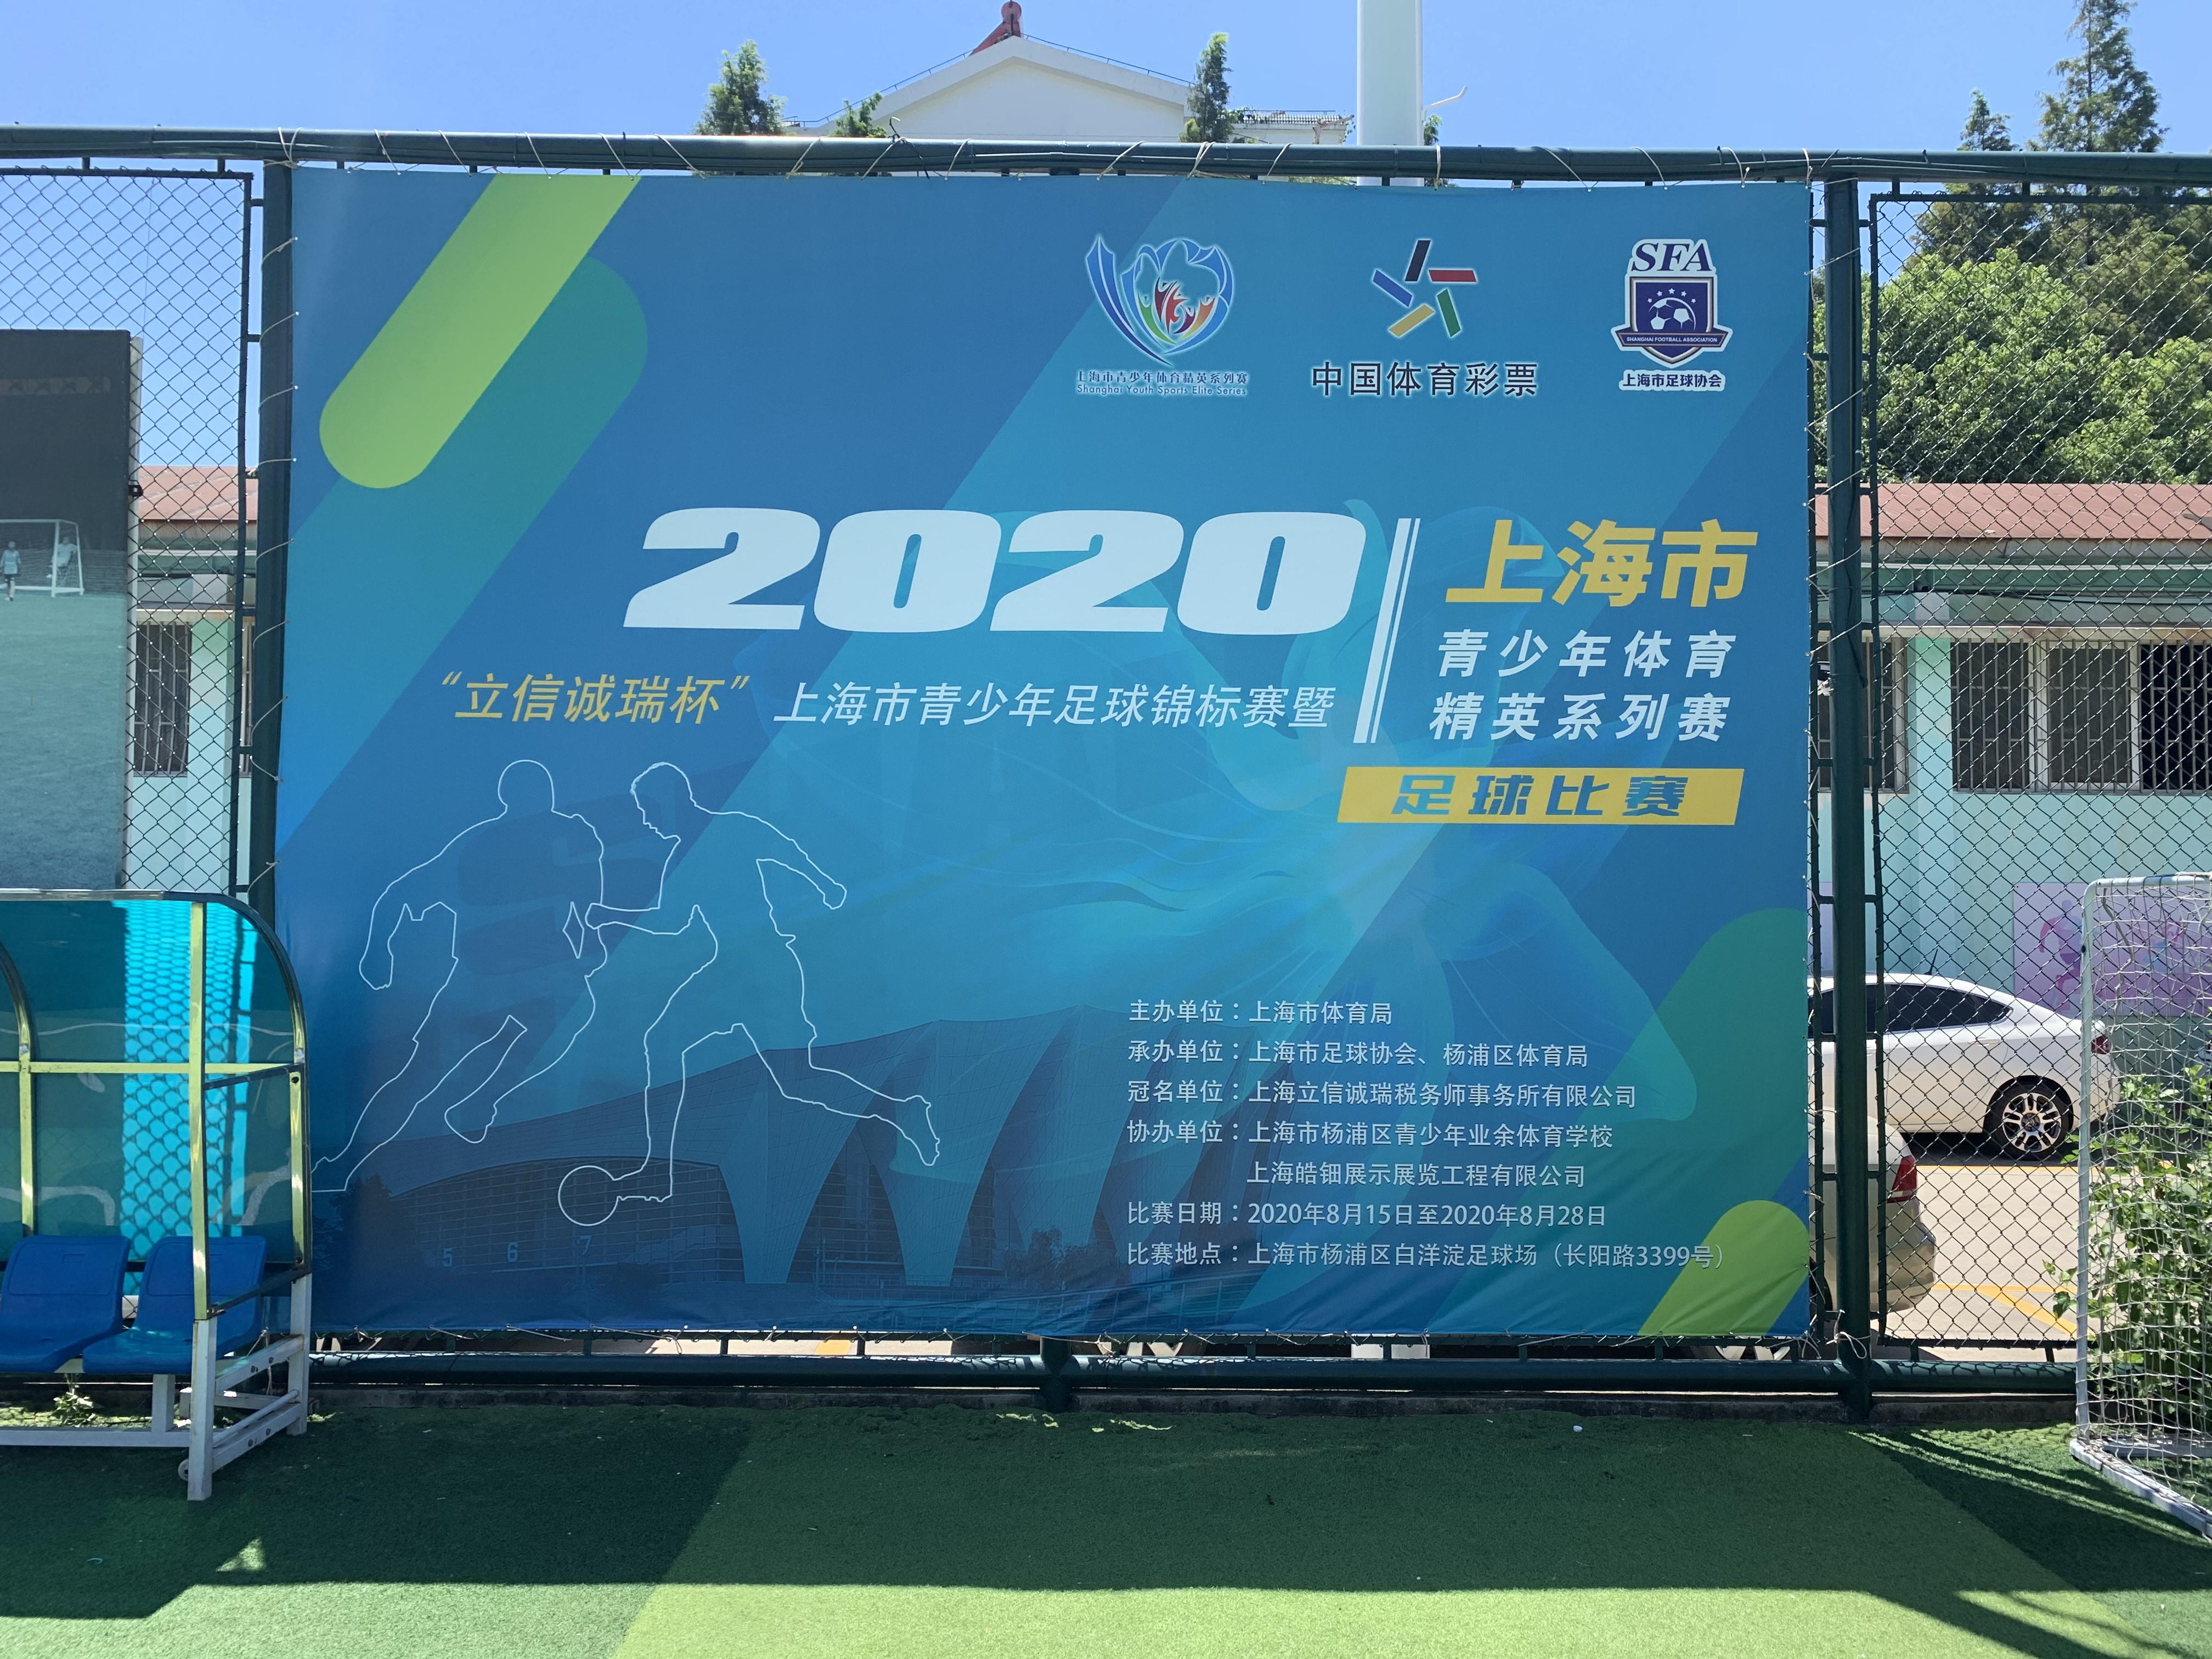 """2020""""立信诚瑞杯""""上海市青少年足球锦标赛暨上海市青少年体育精英系列赛足球比赛"""